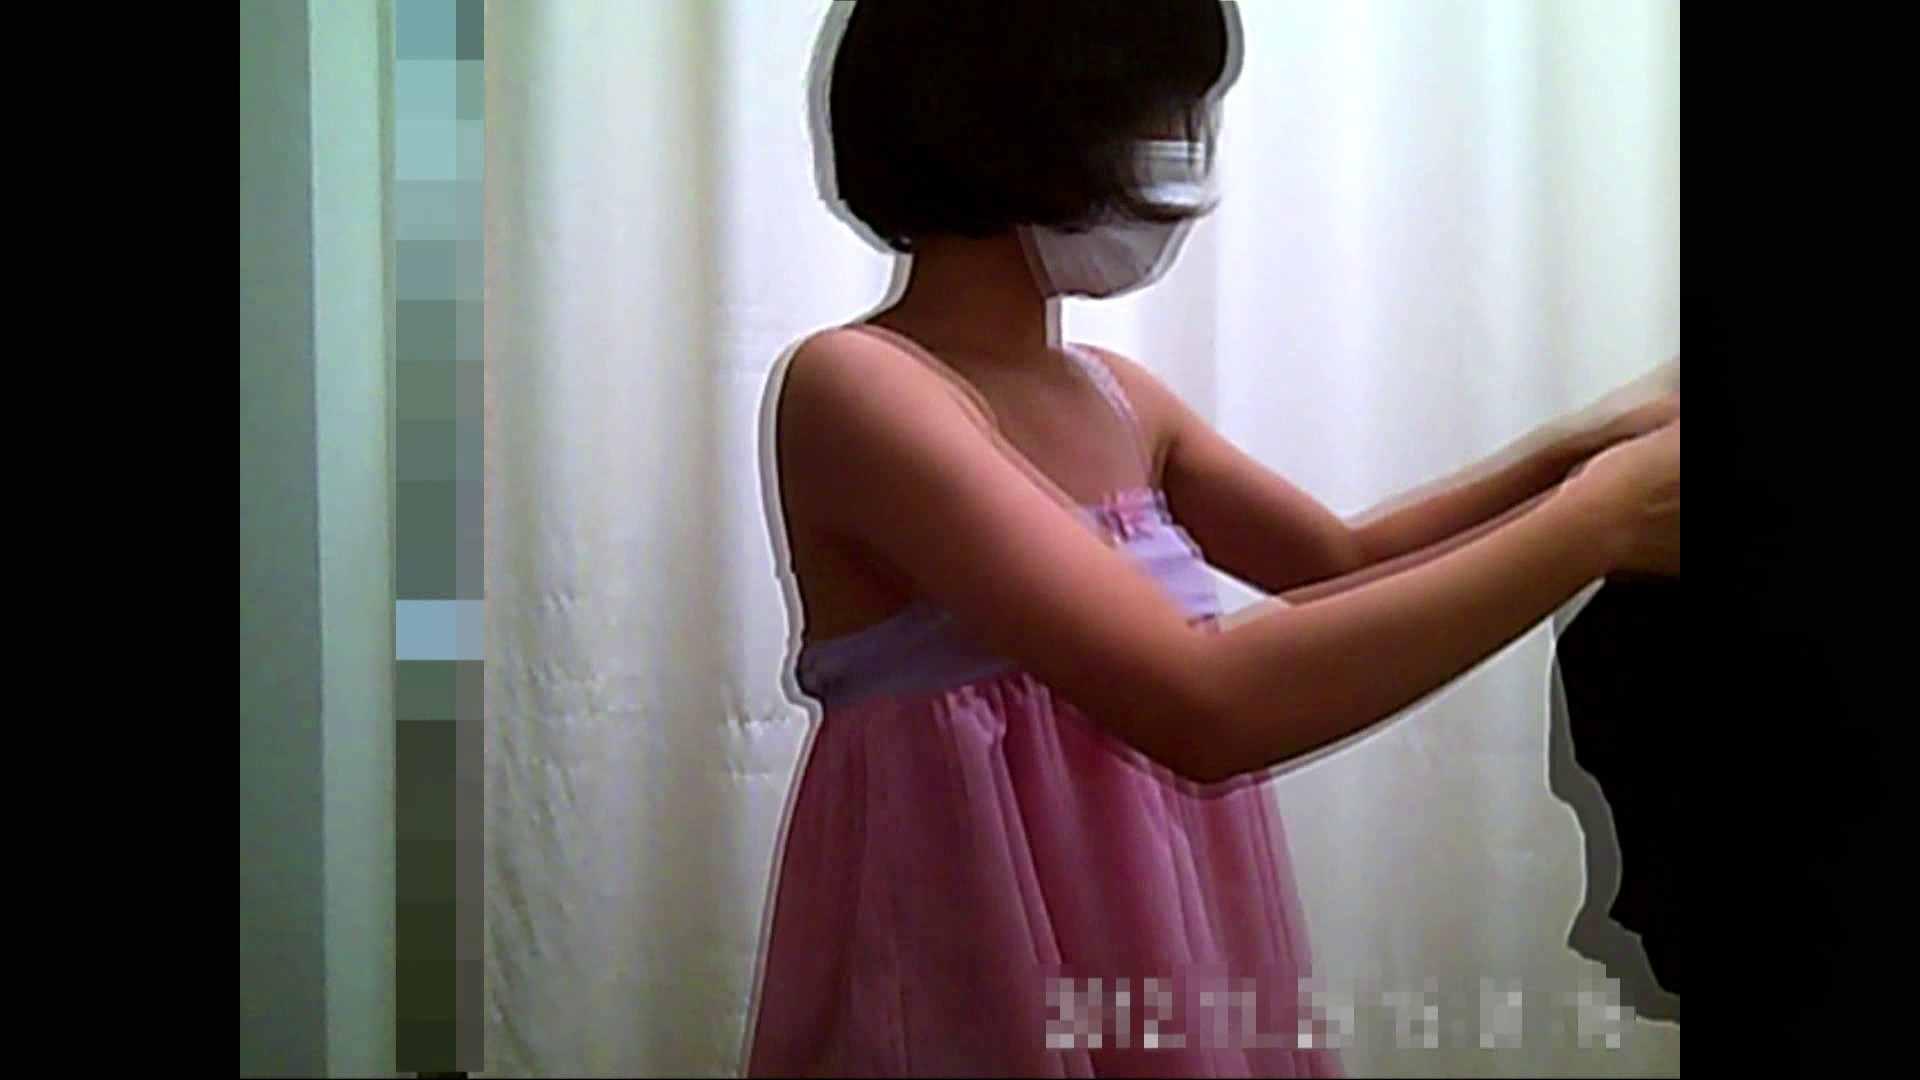 病院おもいっきり着替え! vol.164 盗撮 AV動画キャプチャ 80PIX 17